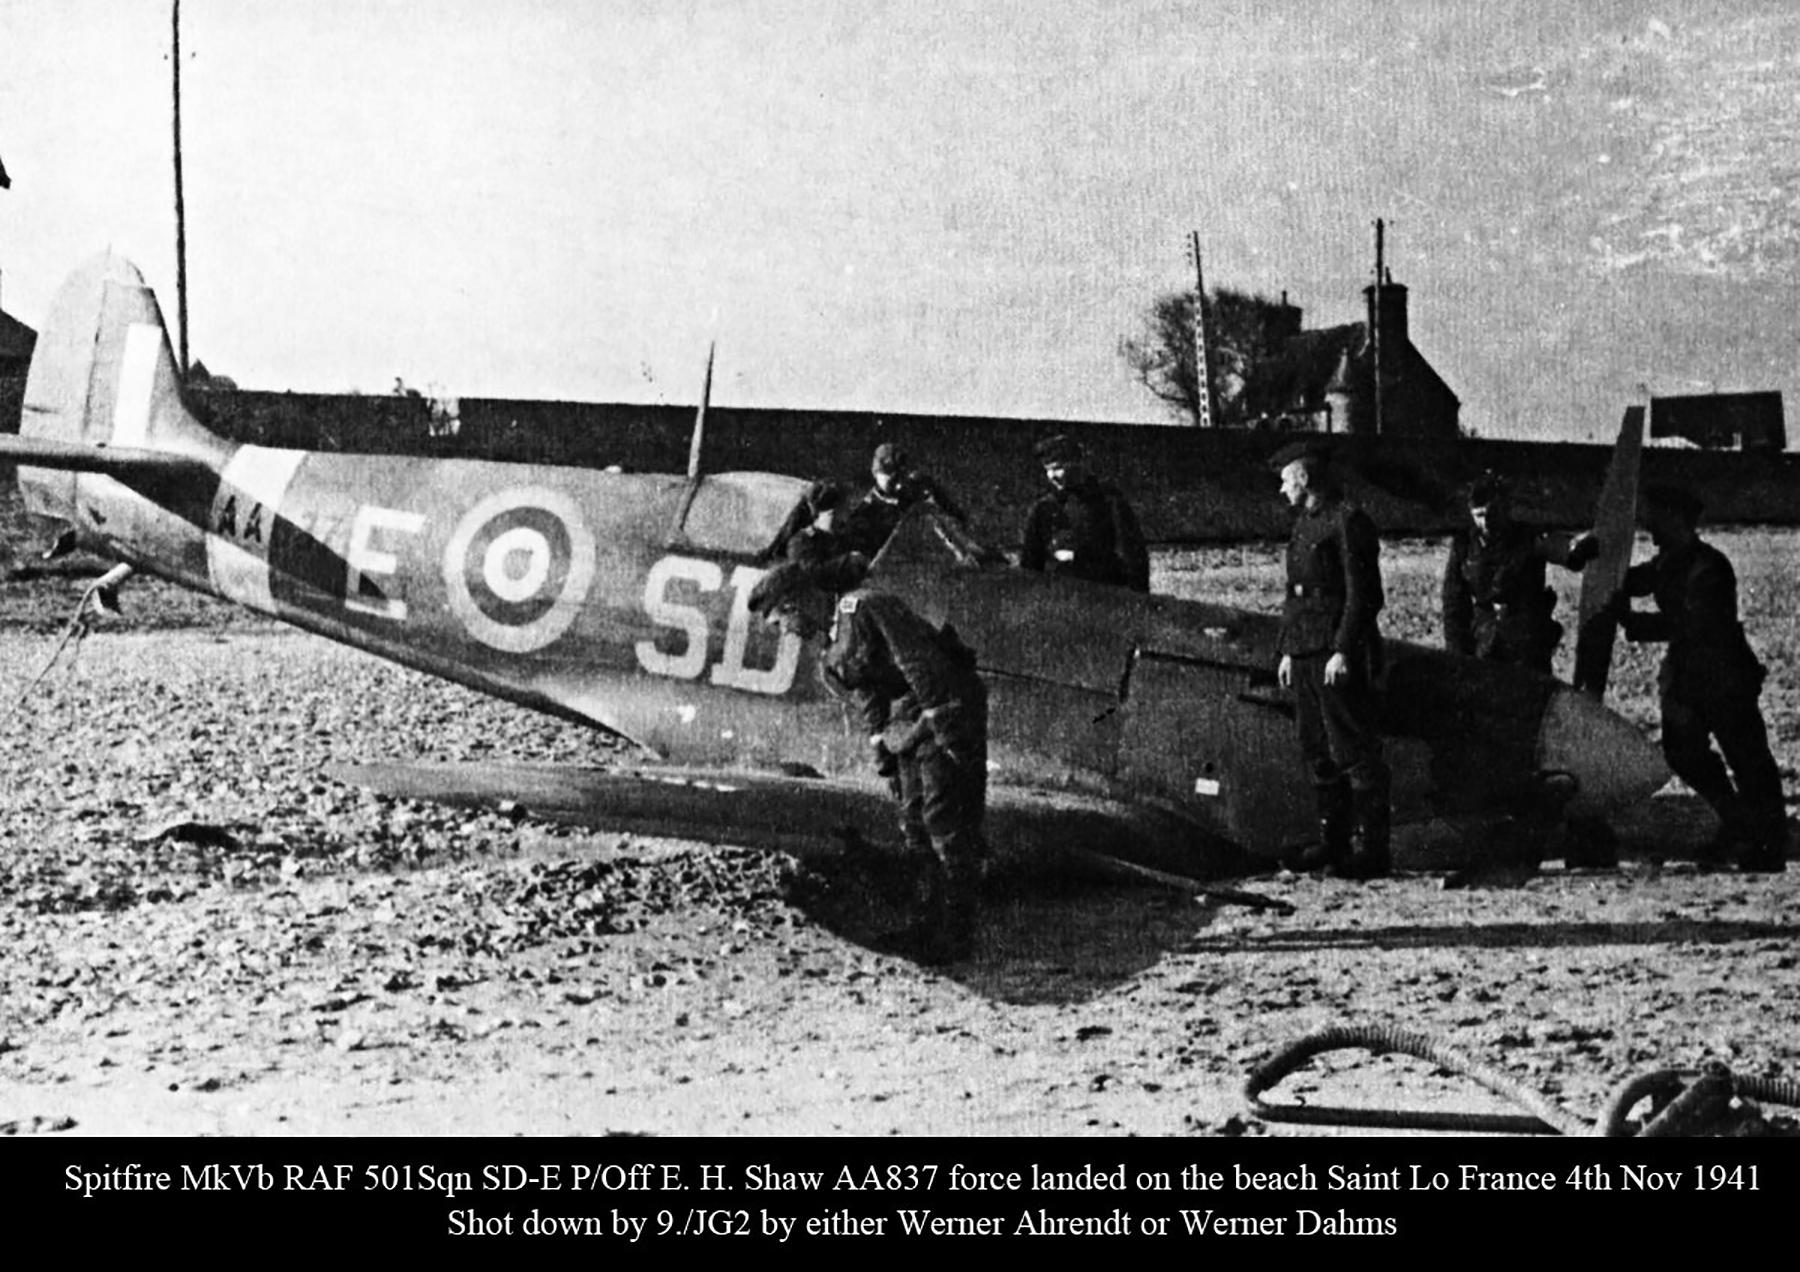 Spitfire MkVb RAF 501Sqn SDE Shaw AA837 force landed St Lo France 4th Nov 1941 01